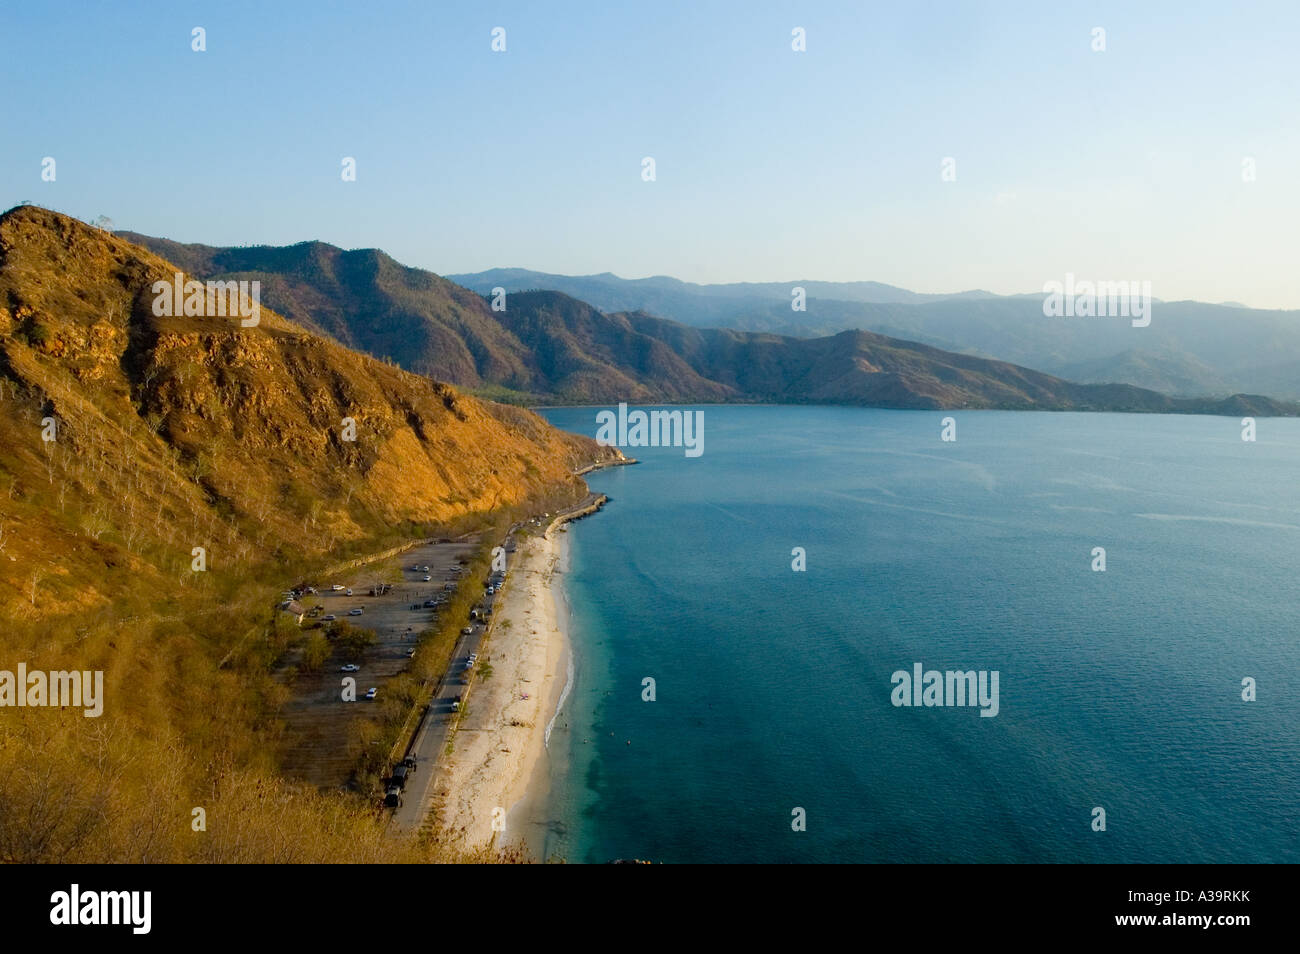 Donnant sur Dili, Timor Oriental Banque D'Images